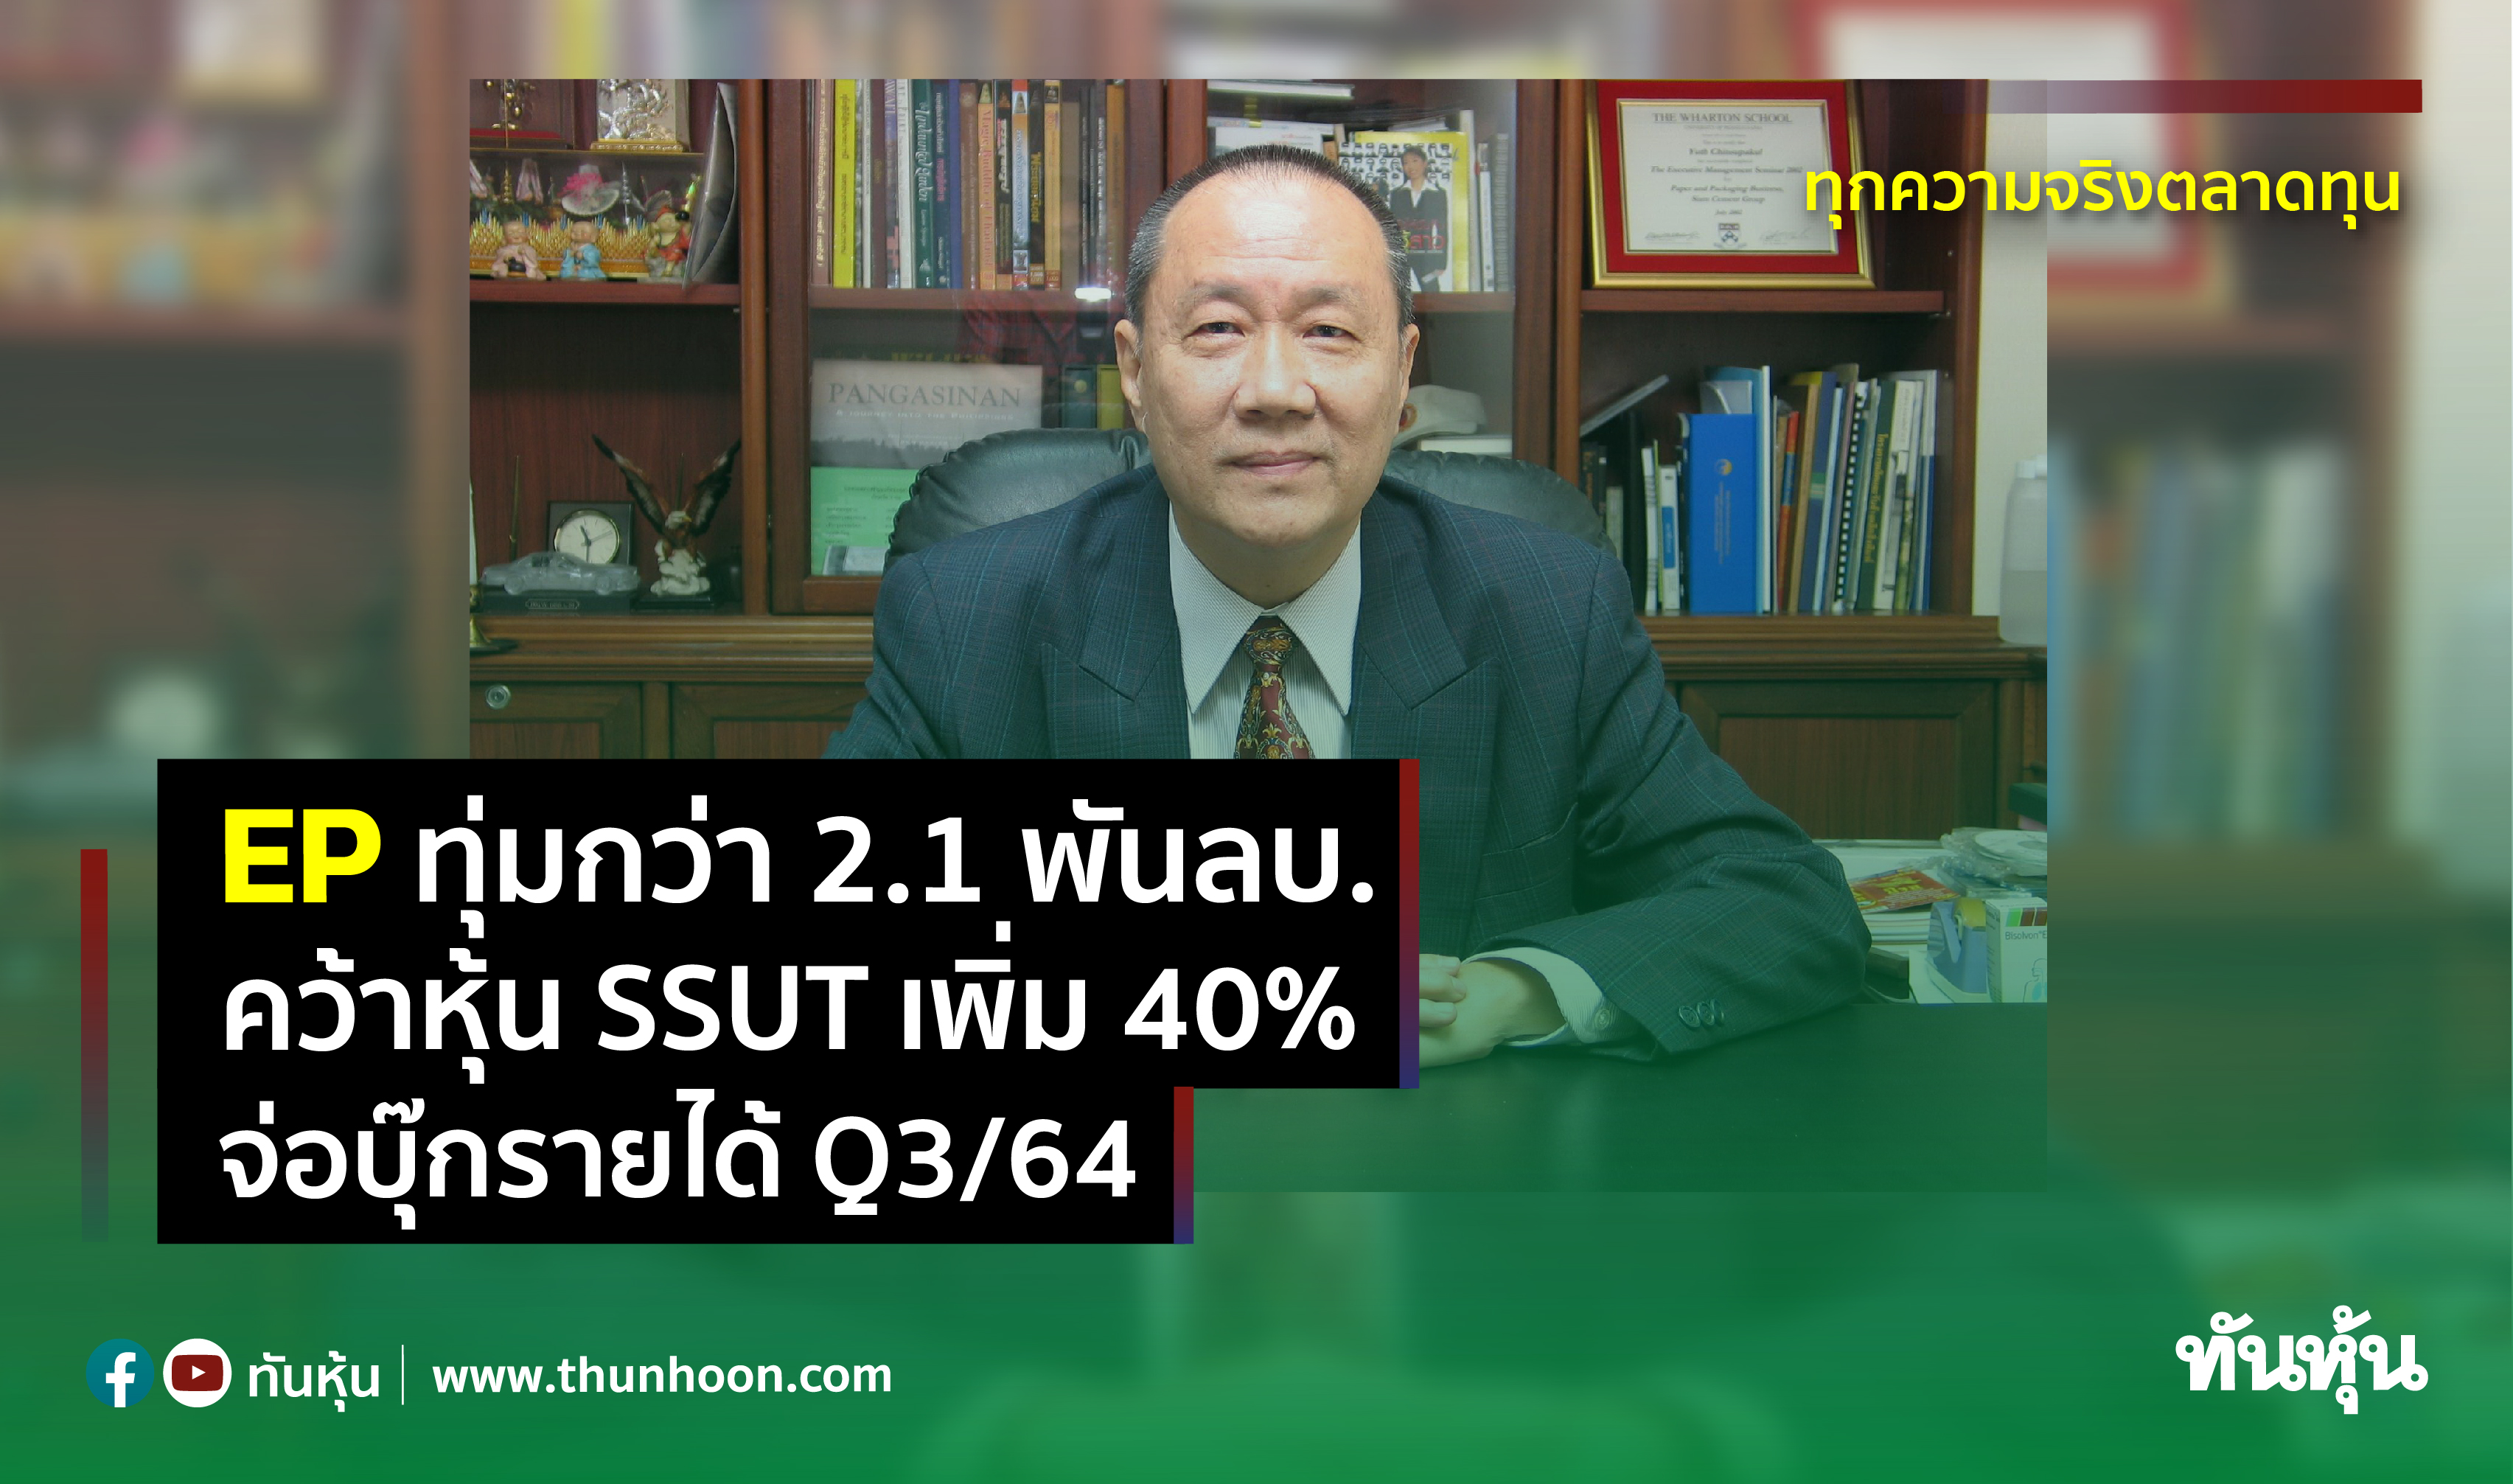 EP ทุ่มกว่า 2.1 พันลบ. คว้าหุ้น SSUT เพิ่ม 40% จ่อบุ๊กรายได้ Q3/64